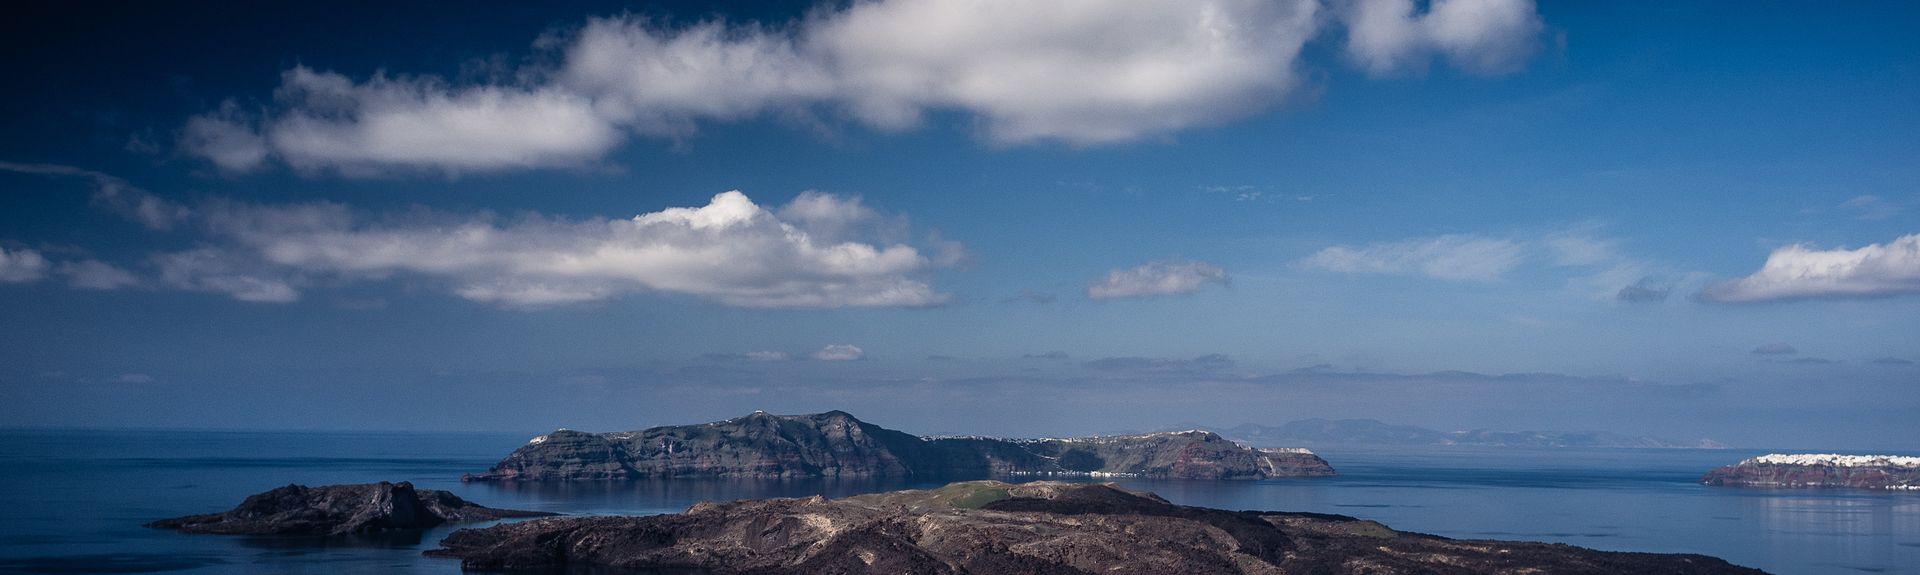 Βράχος του Σκάρου, Ημεροβίγλι, Νησιά του Αιγαίου, Ελλάδα